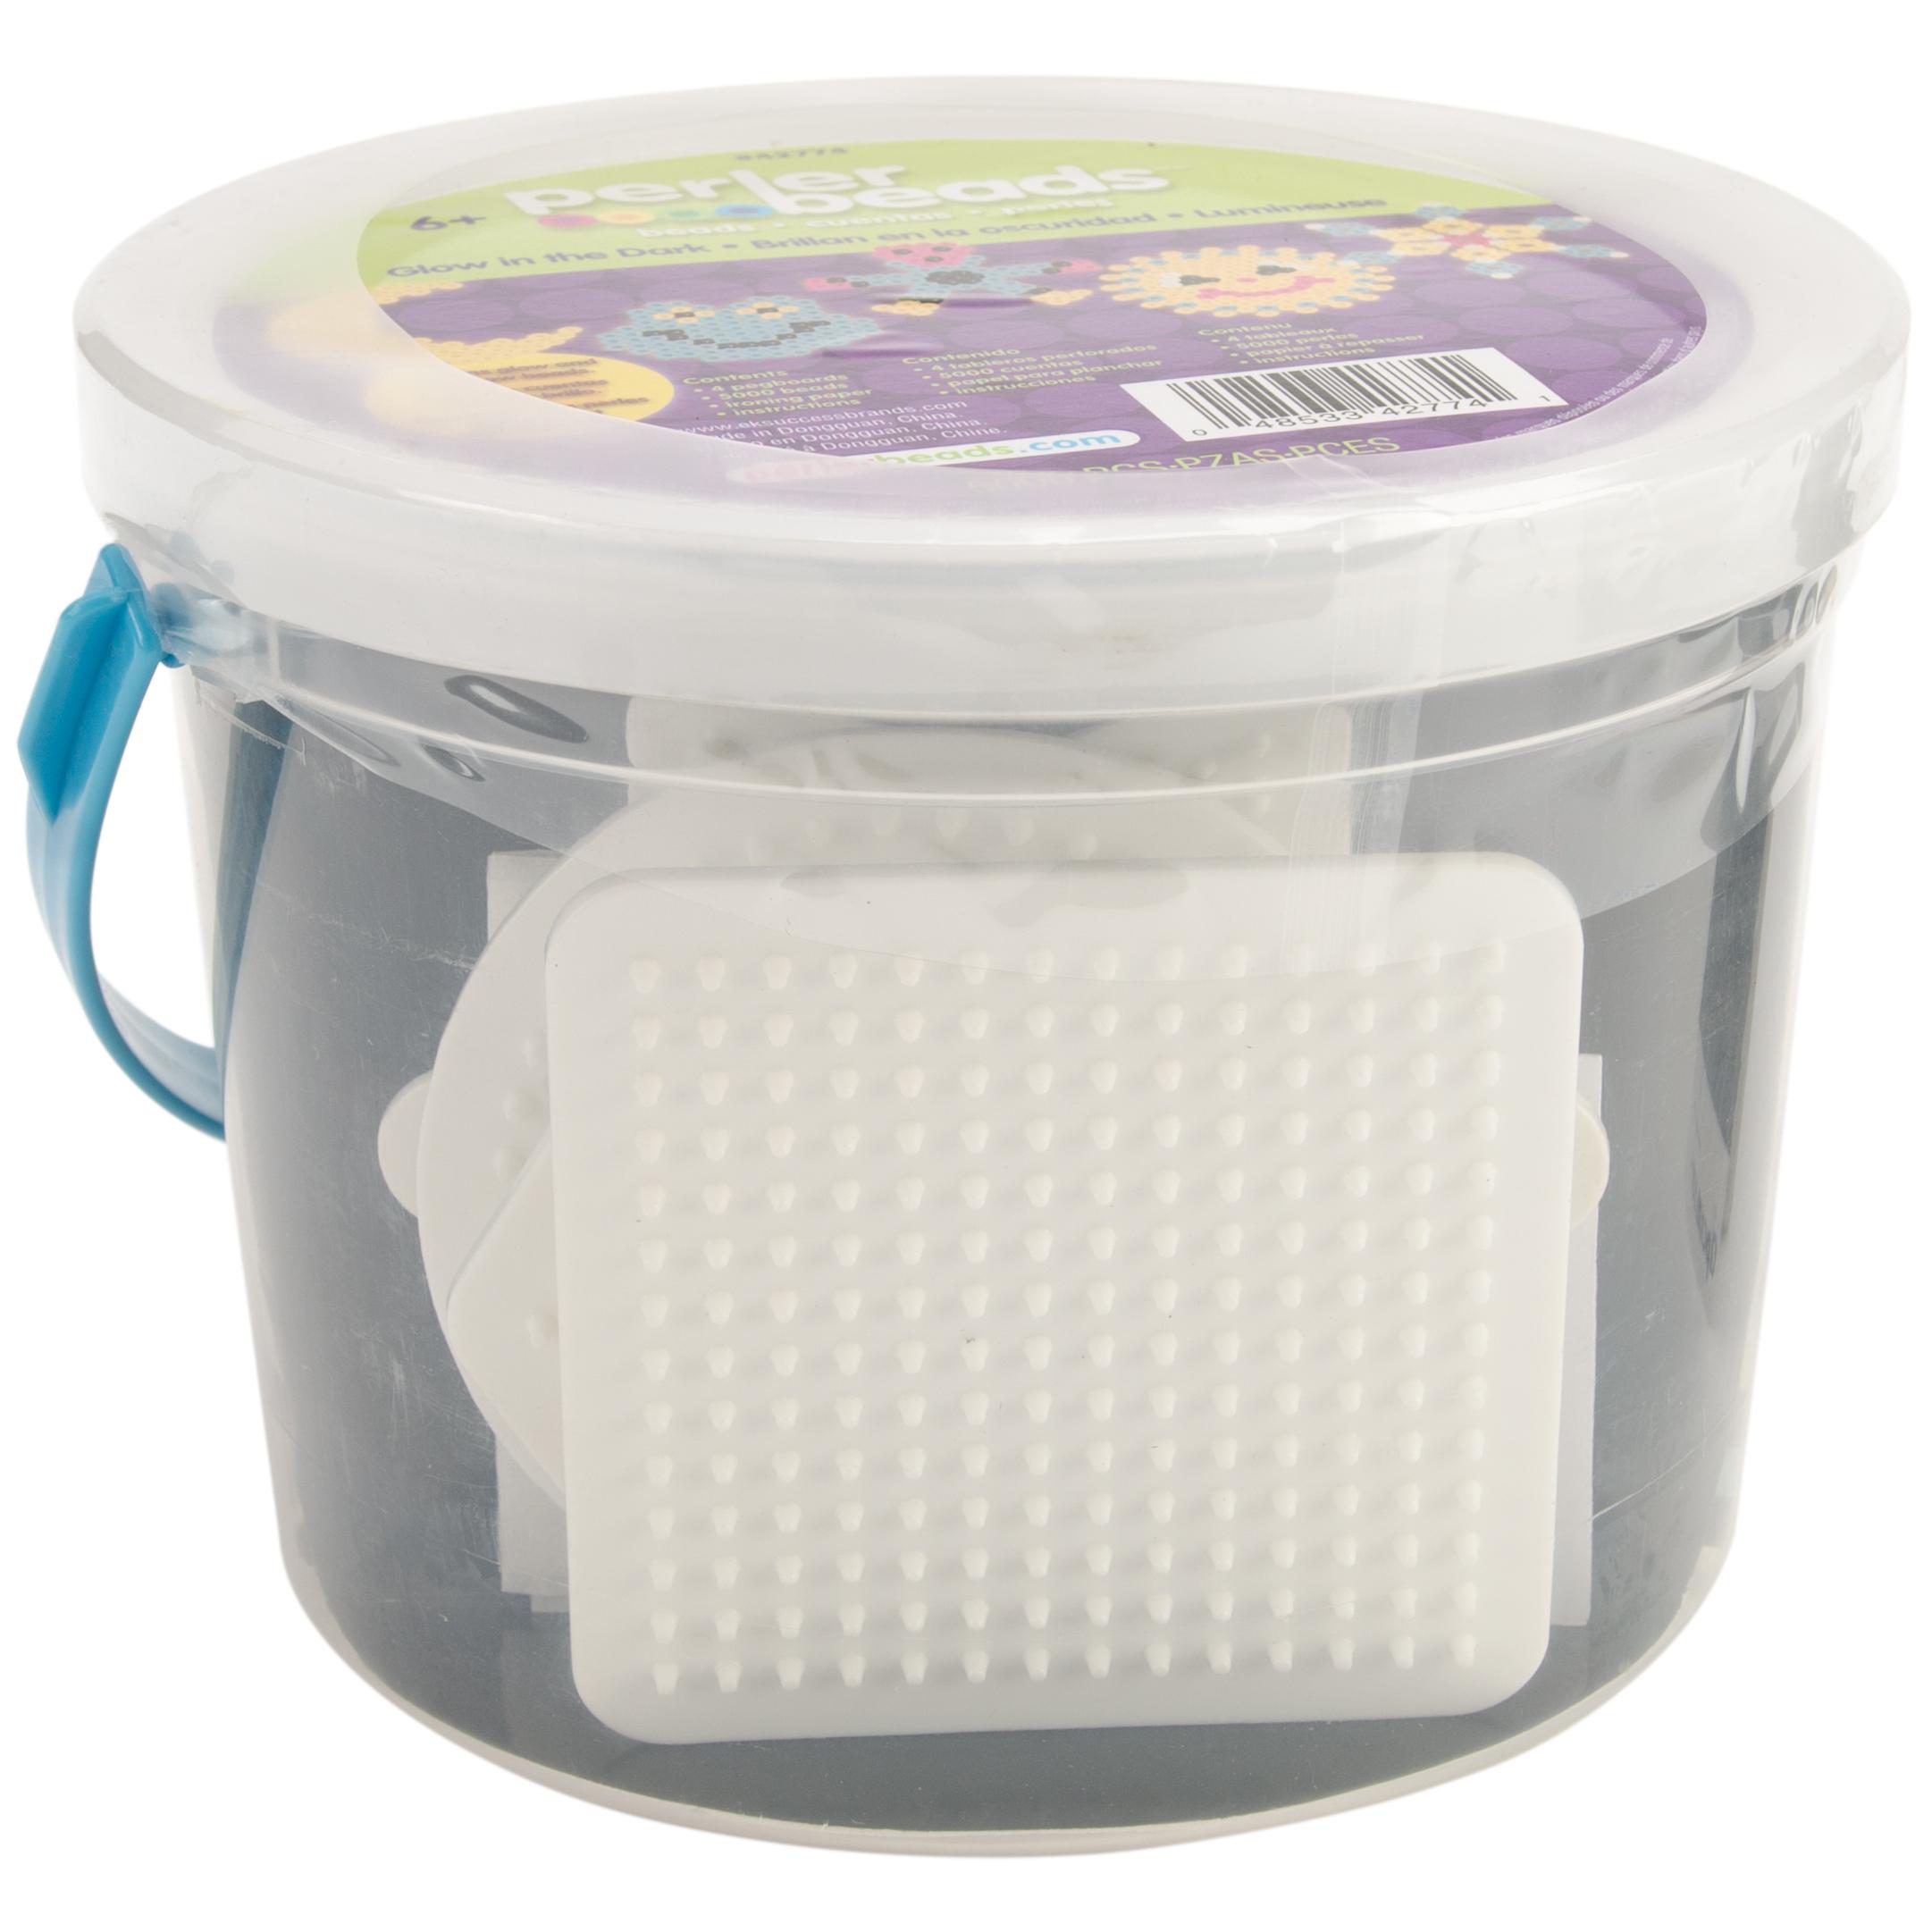 Perler Fused Bead Bucket Kit-Glow-In-The-Dark